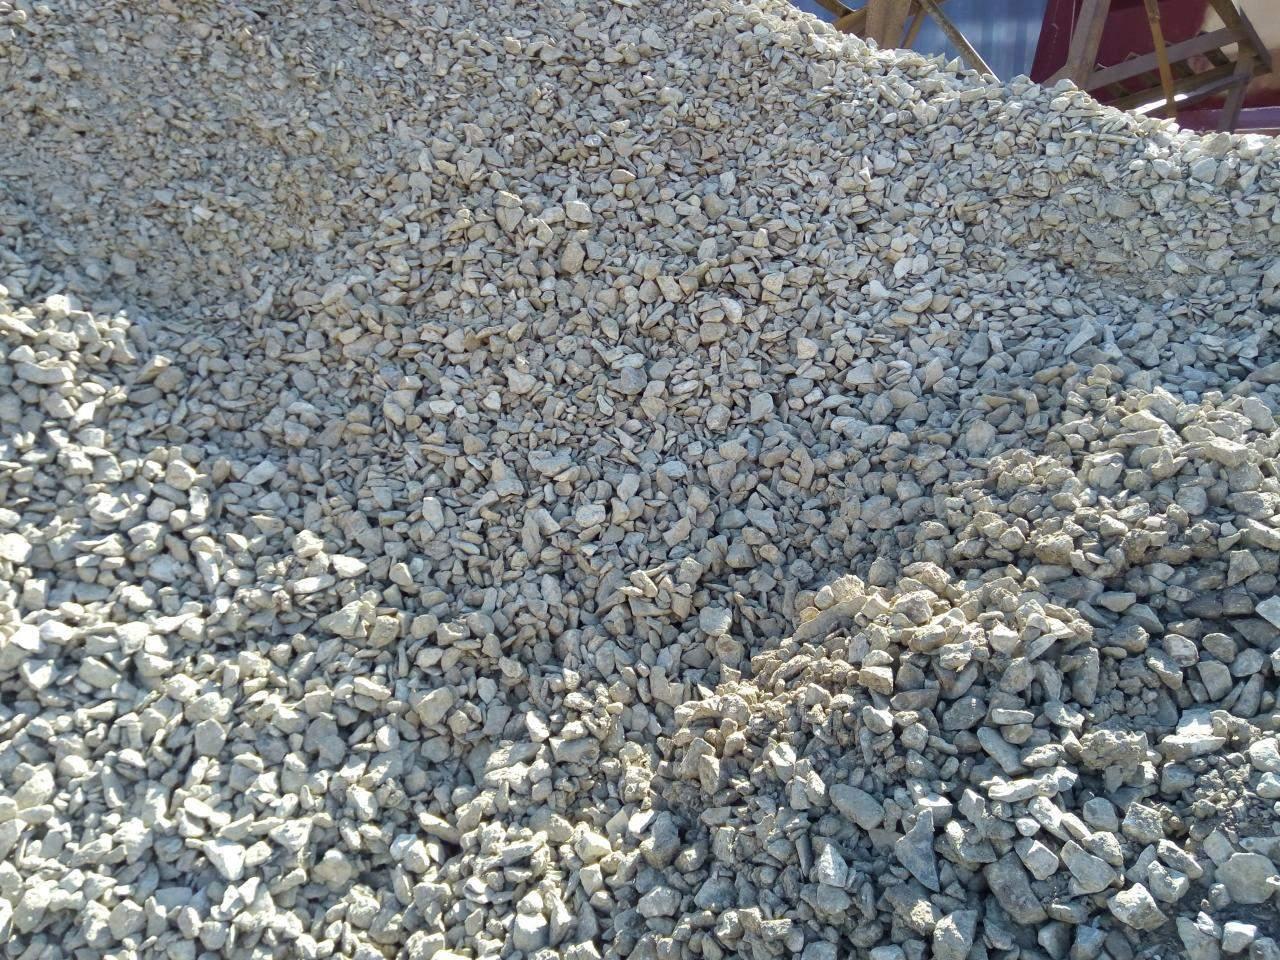 бетон с доломитовым щебнем